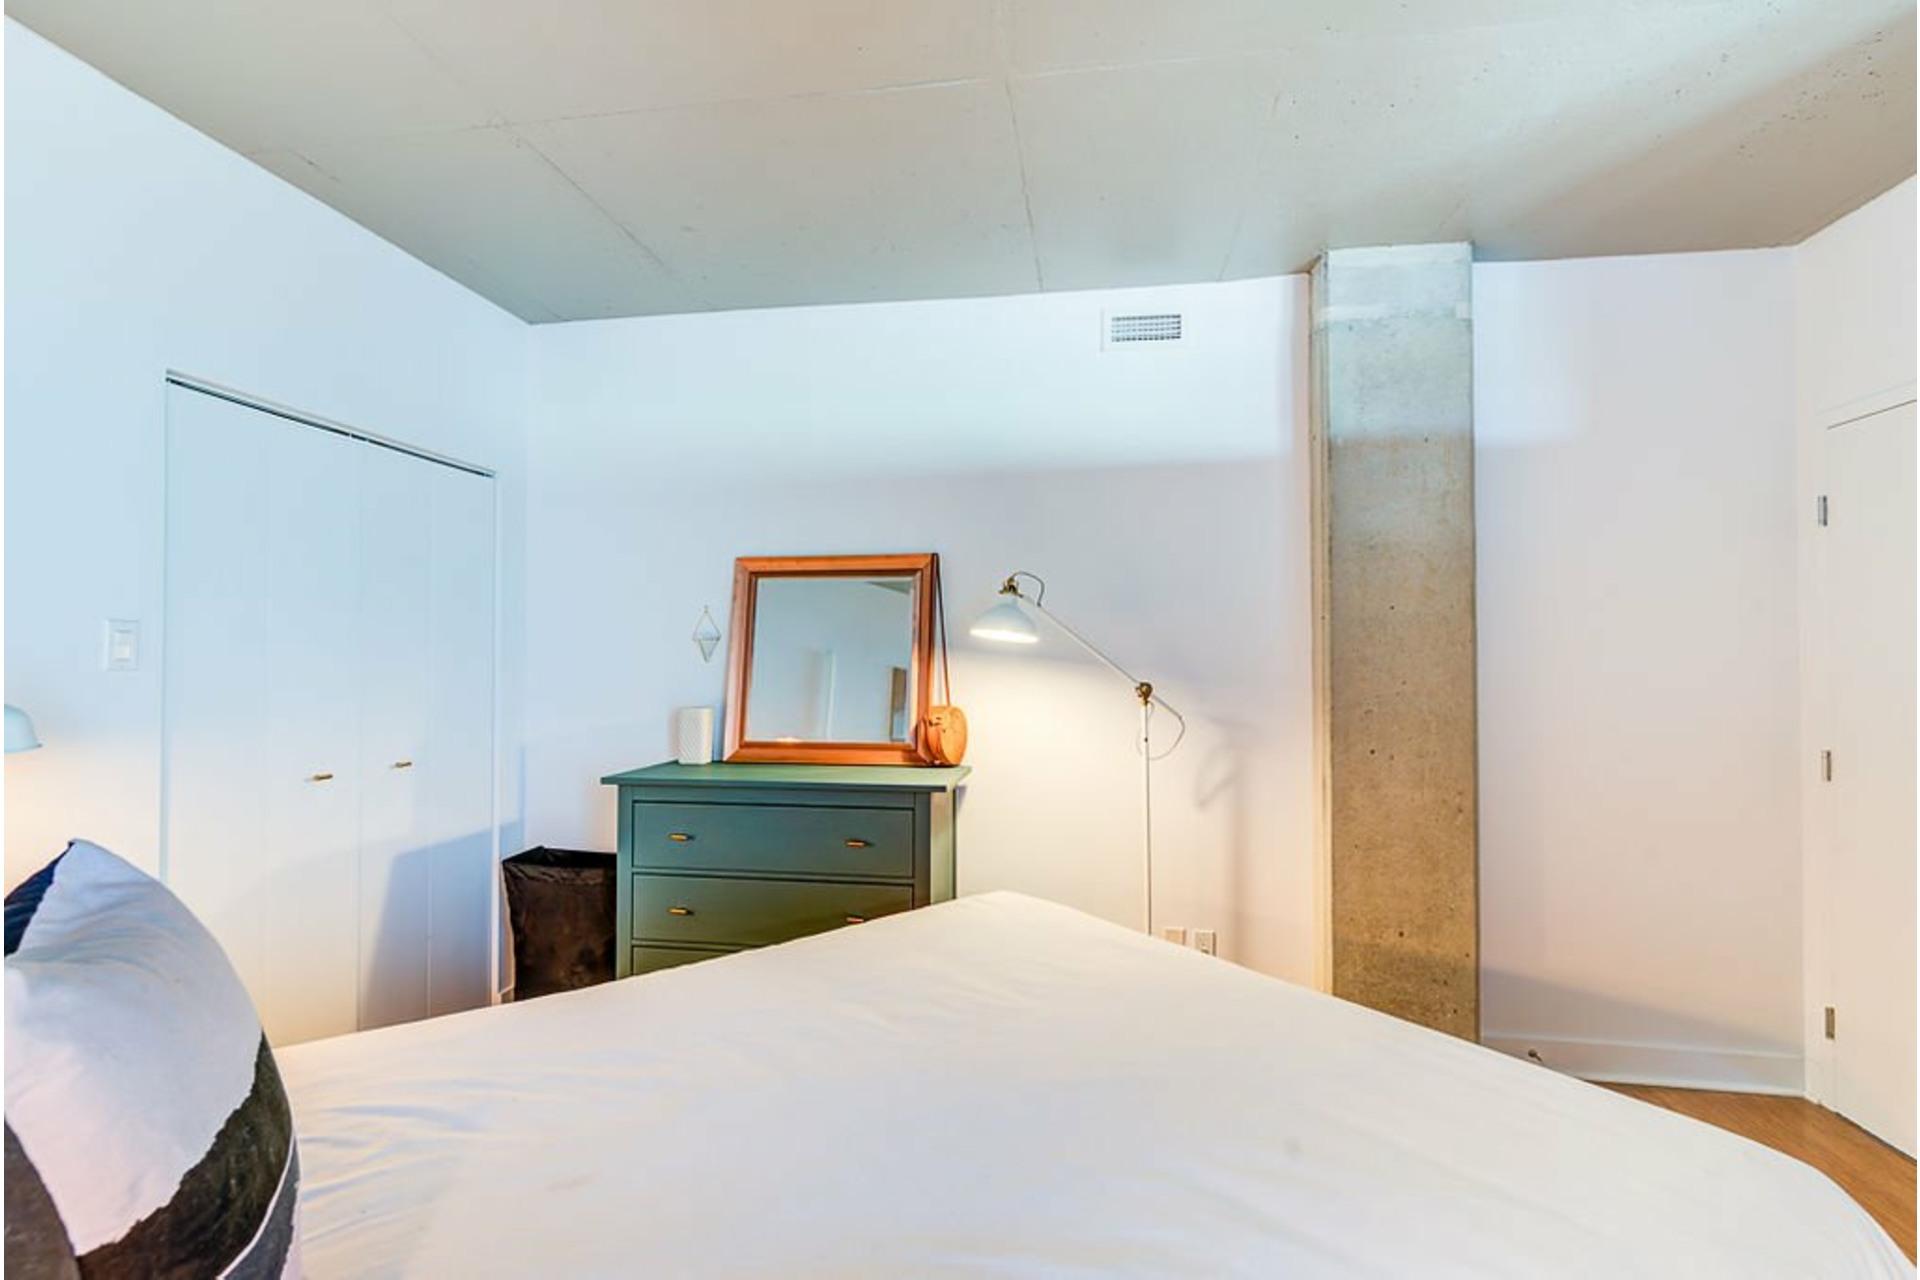 image 16 - Apartment For sale Villeray/Saint-Michel/Parc-Extension Montréal  - 4 rooms